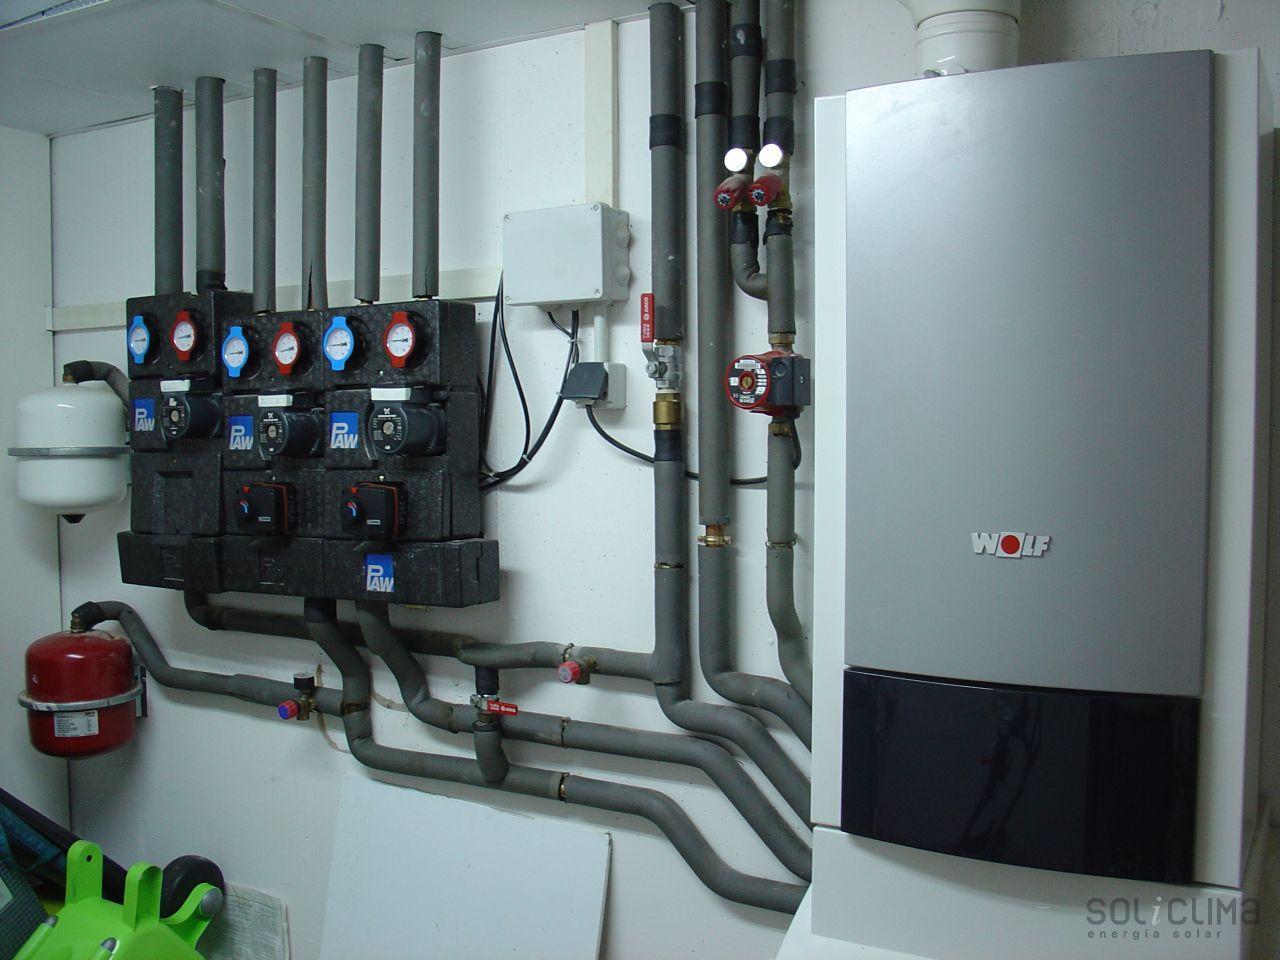 Solucion a los cortes de electricidad - Calderas para suelo radiante ...